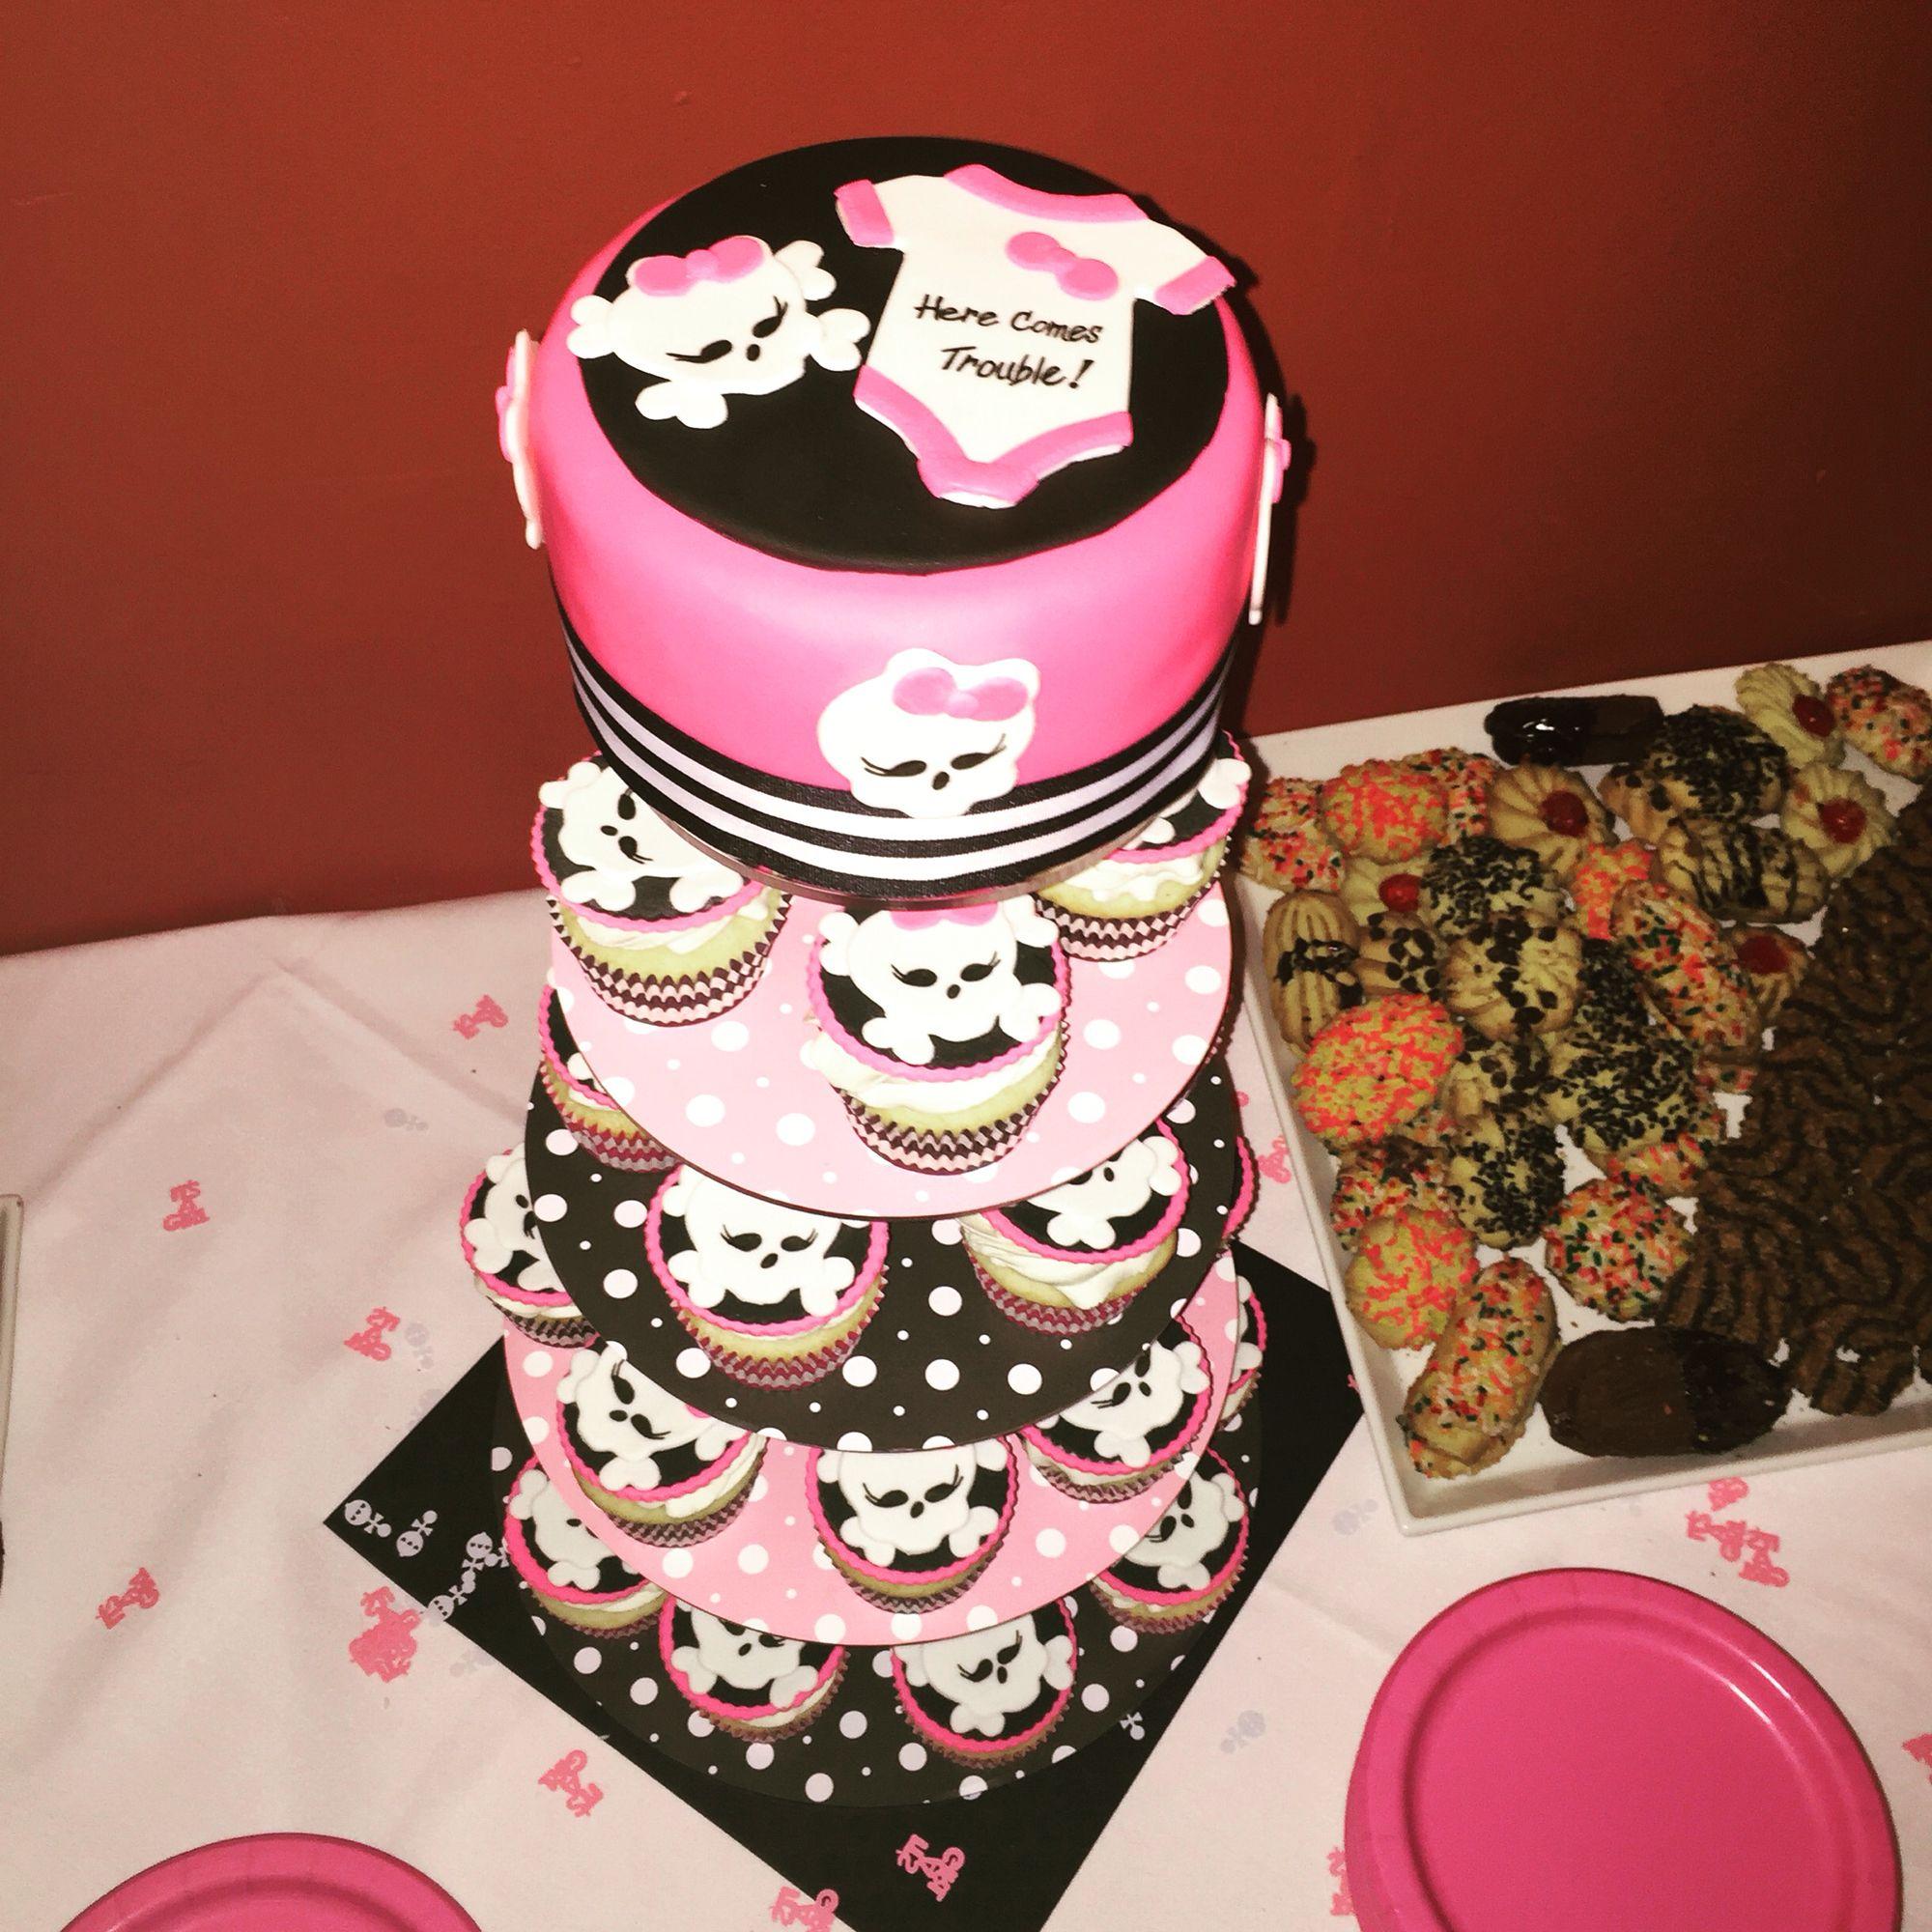 Skull Girl and crossbones cake